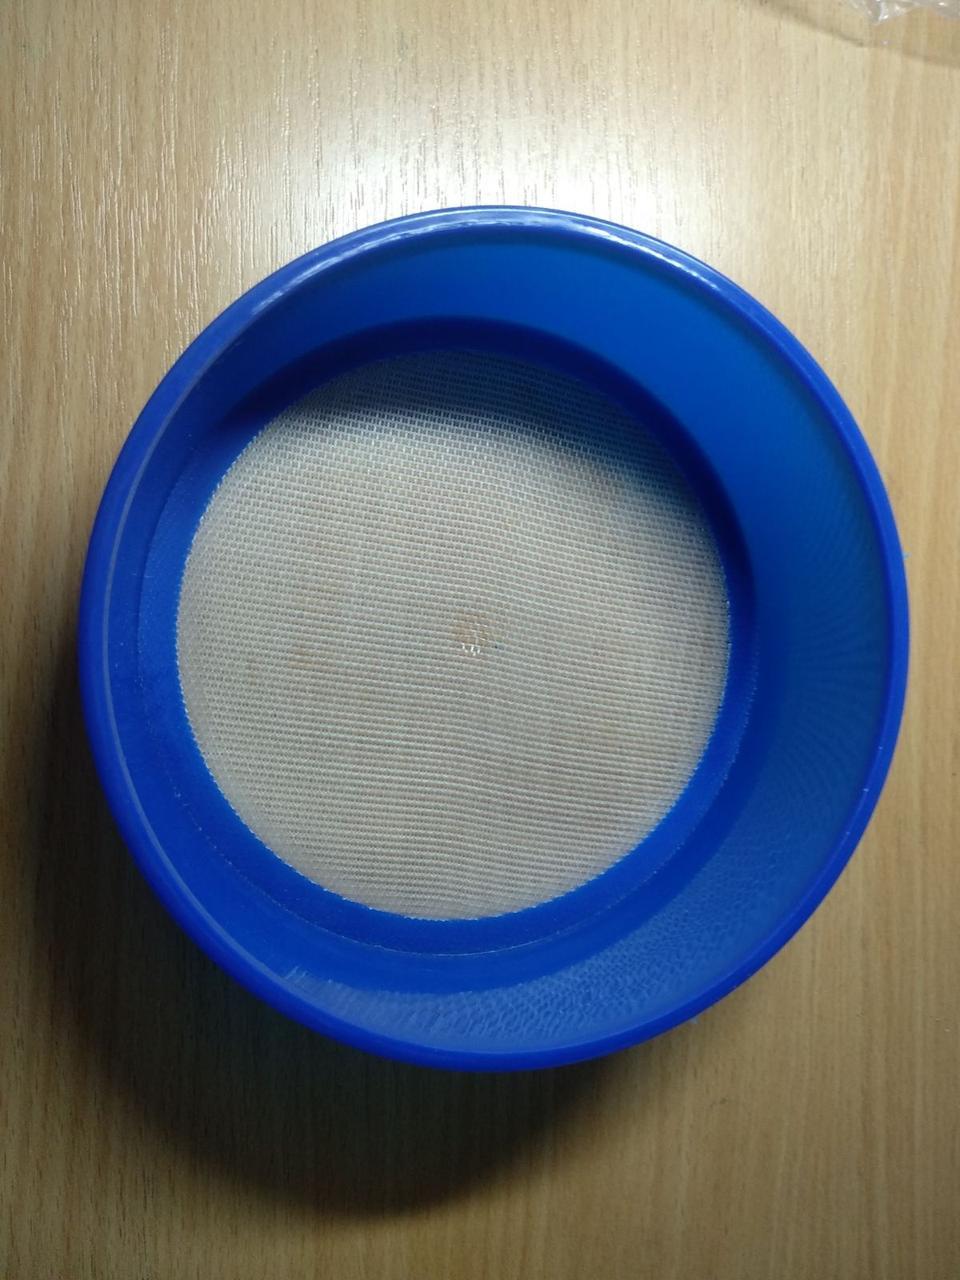 Сито нержавеющее для муки d-14 cм